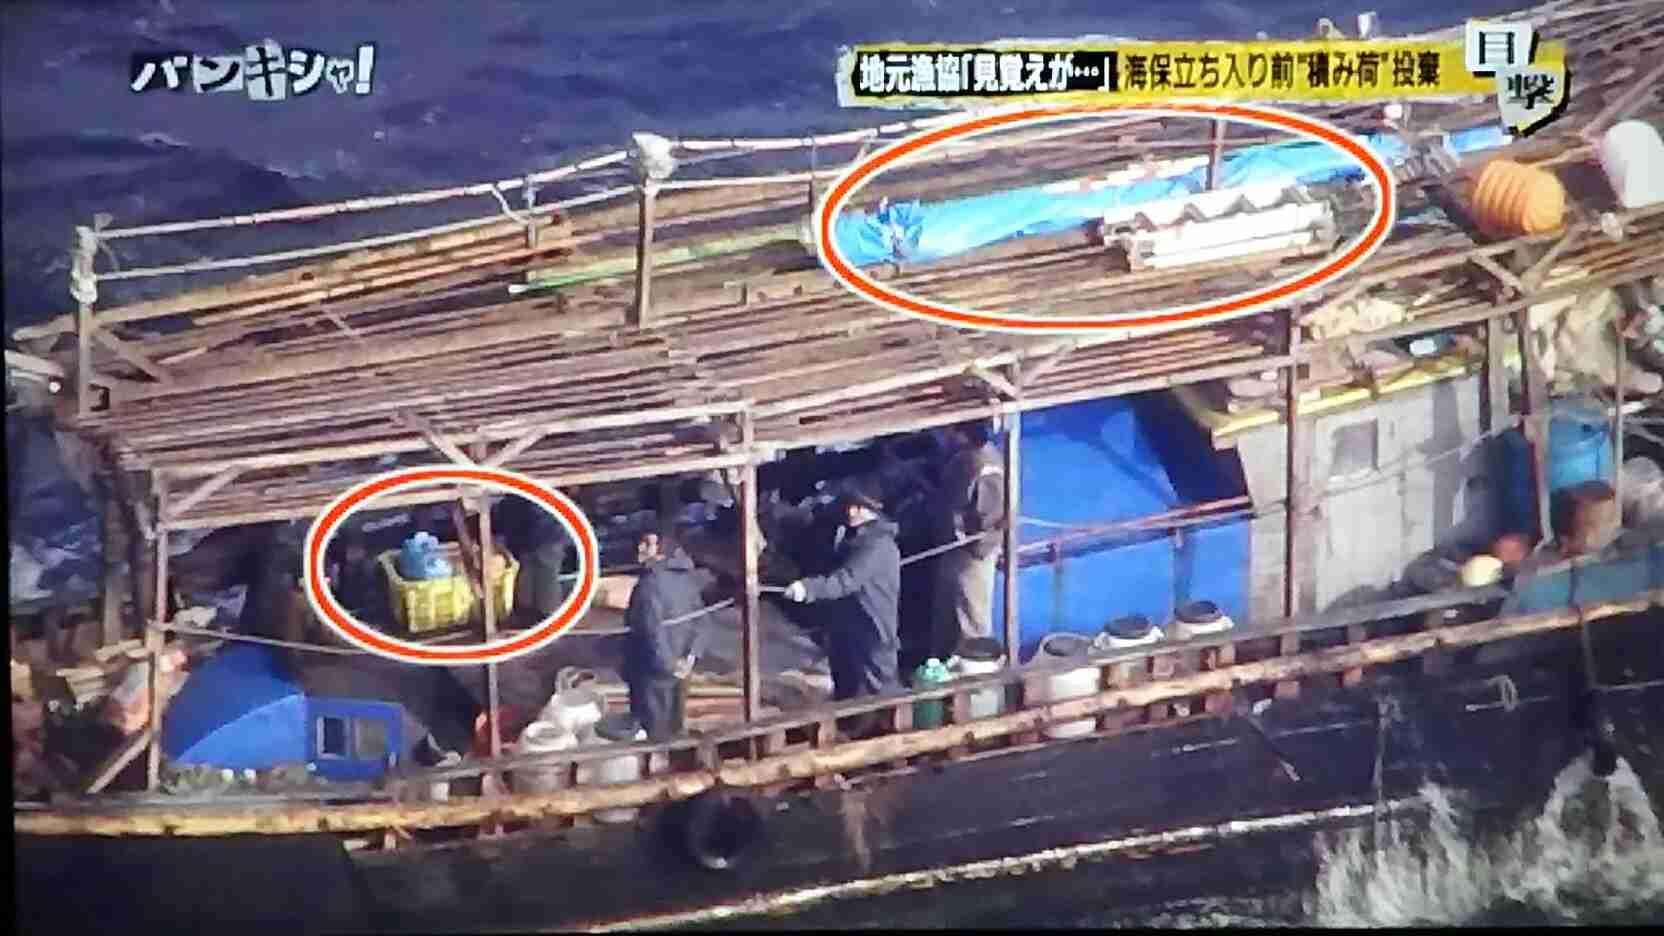 北朝鮮の木造船が漂着した松前小島 家電などがなくなり調査